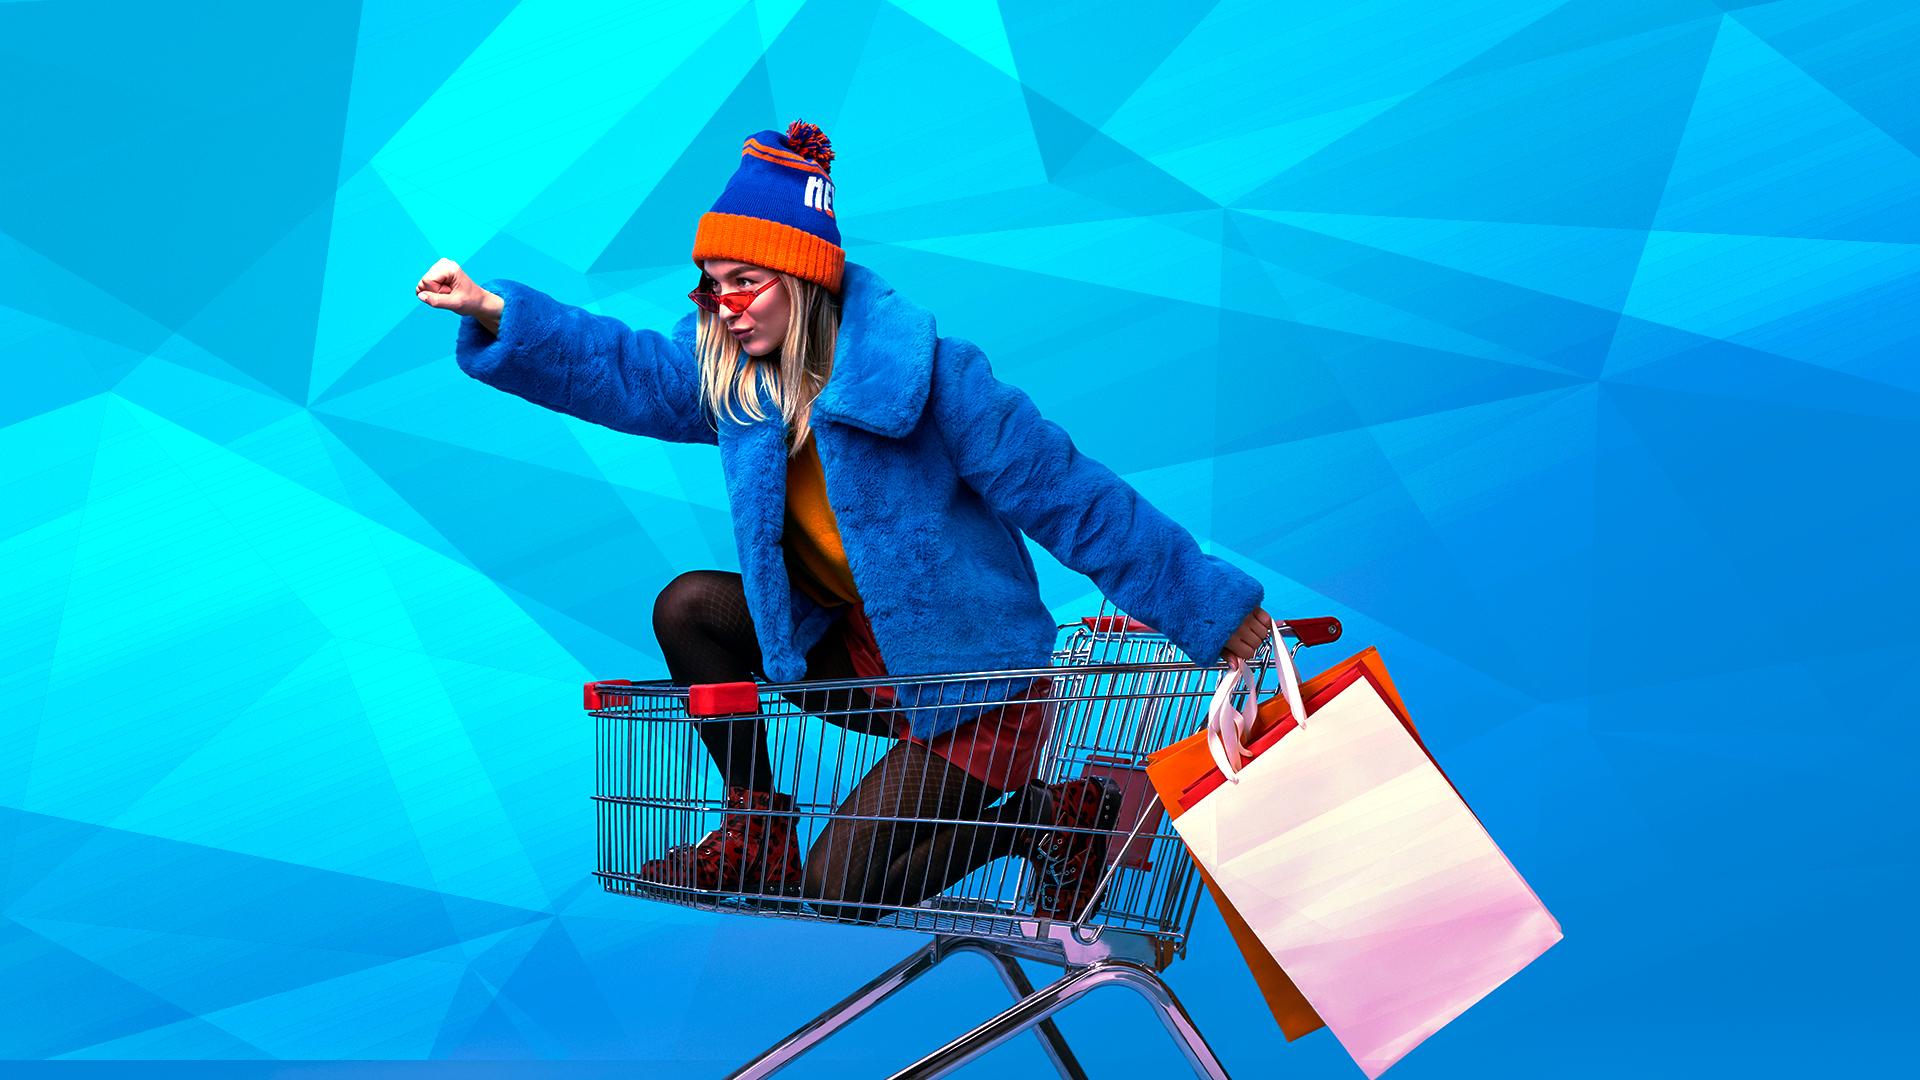 shopping, Handel, Kaufen, Einkaufen, Einkaufswagen, Stationäre Geschäfte, Shopping Cart, caddy, Einkaufstrolley, Einkaufsroller, Rolli, Hackenporsche, Pelzmantel